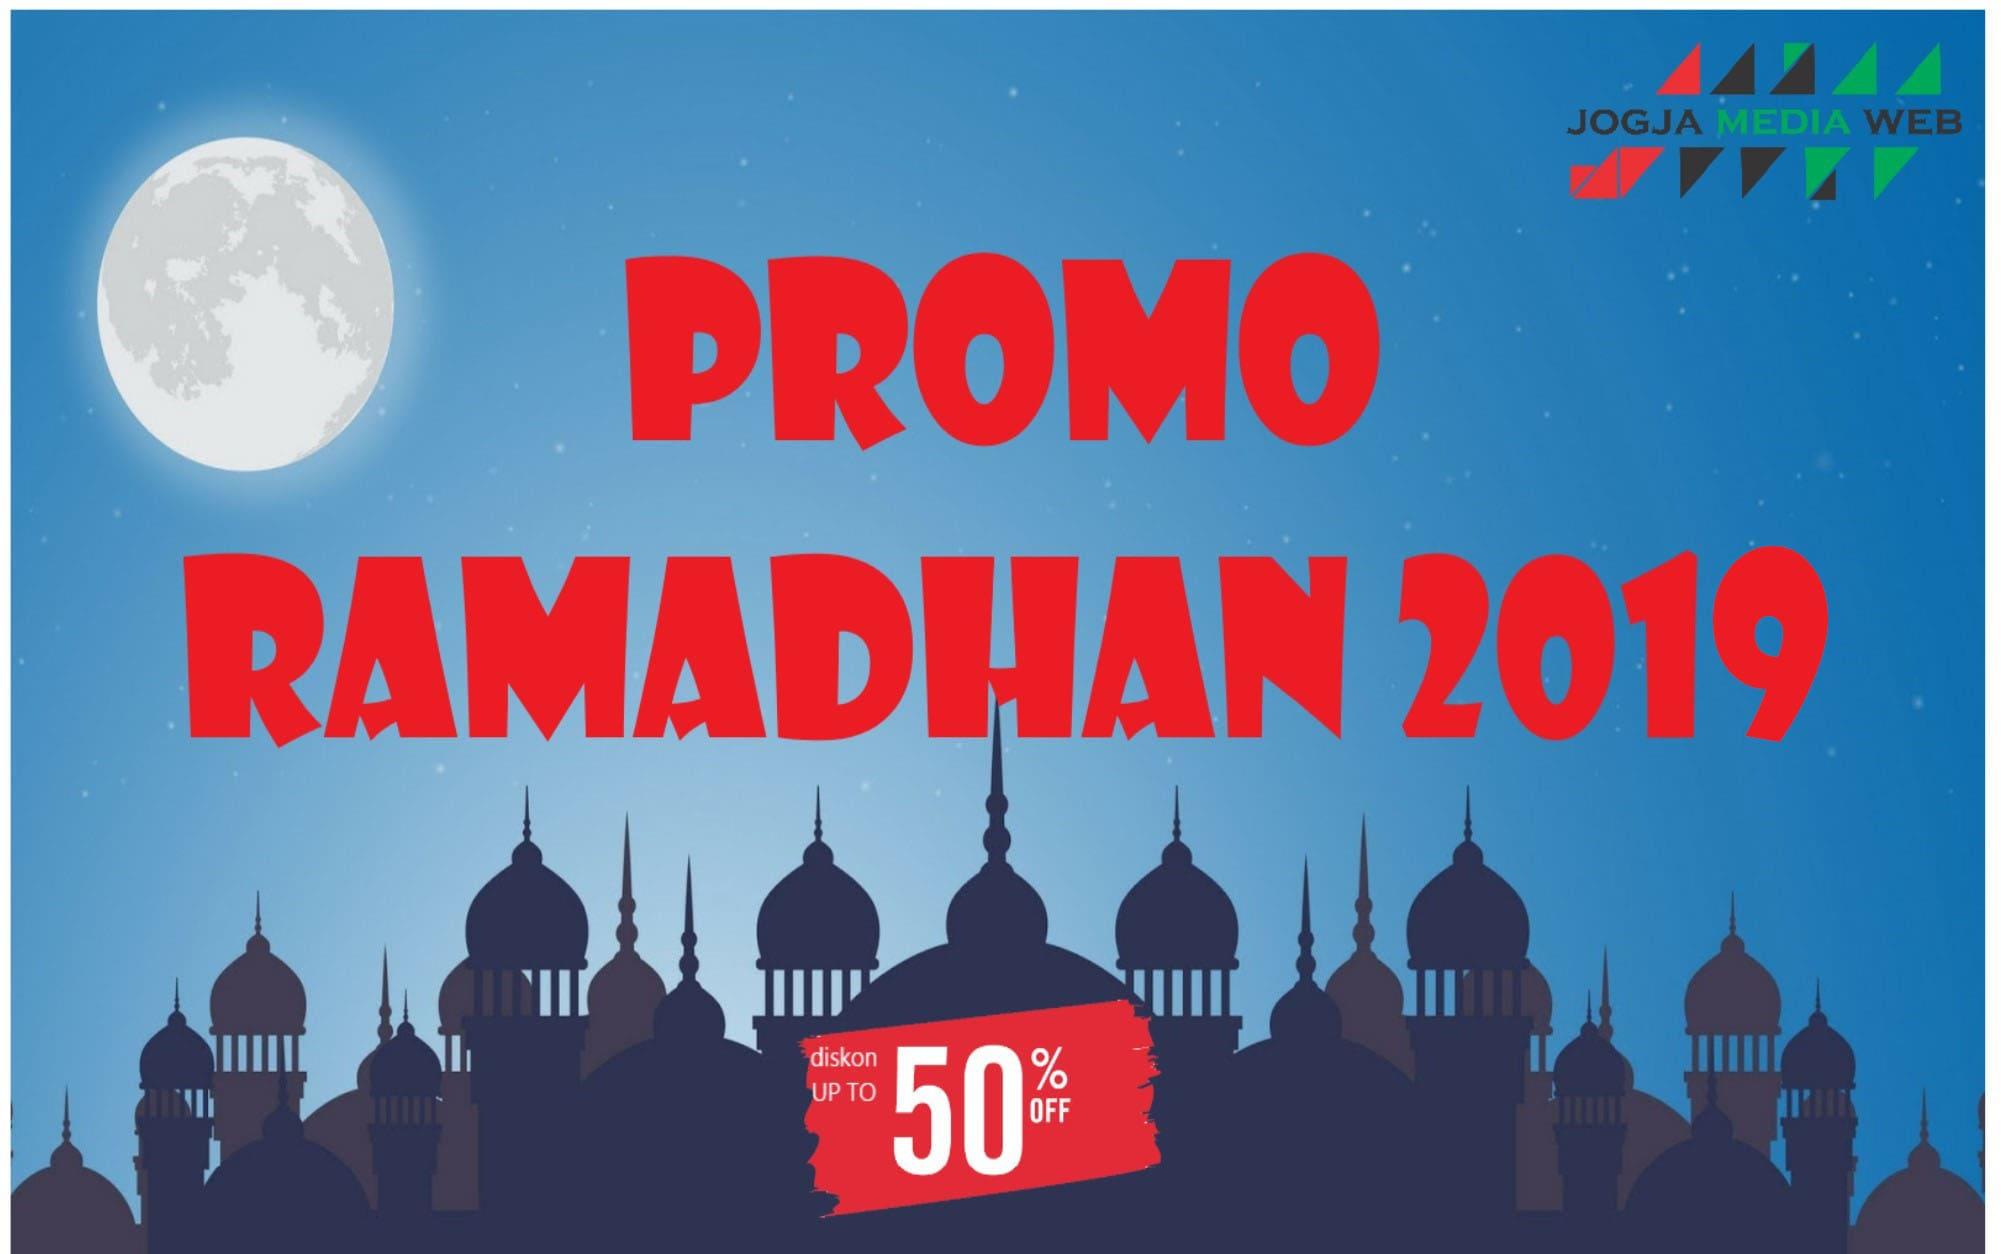 [Promo Ramadhan] Jasa Pembuatan Website Jogja